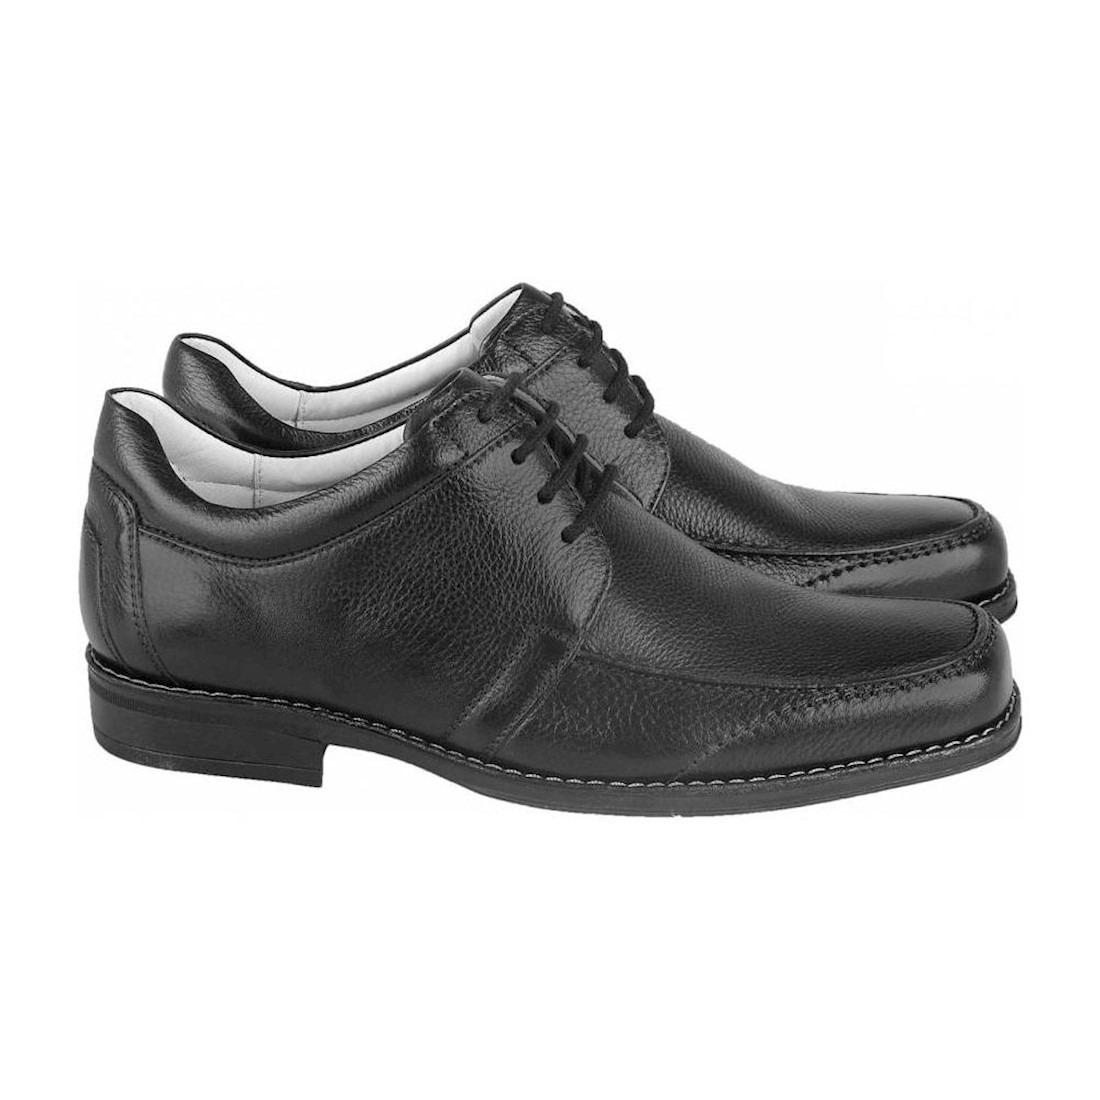 b08164ef61 sapato social masculino derby sandro moscoloni trump preto. Carregando zoom.